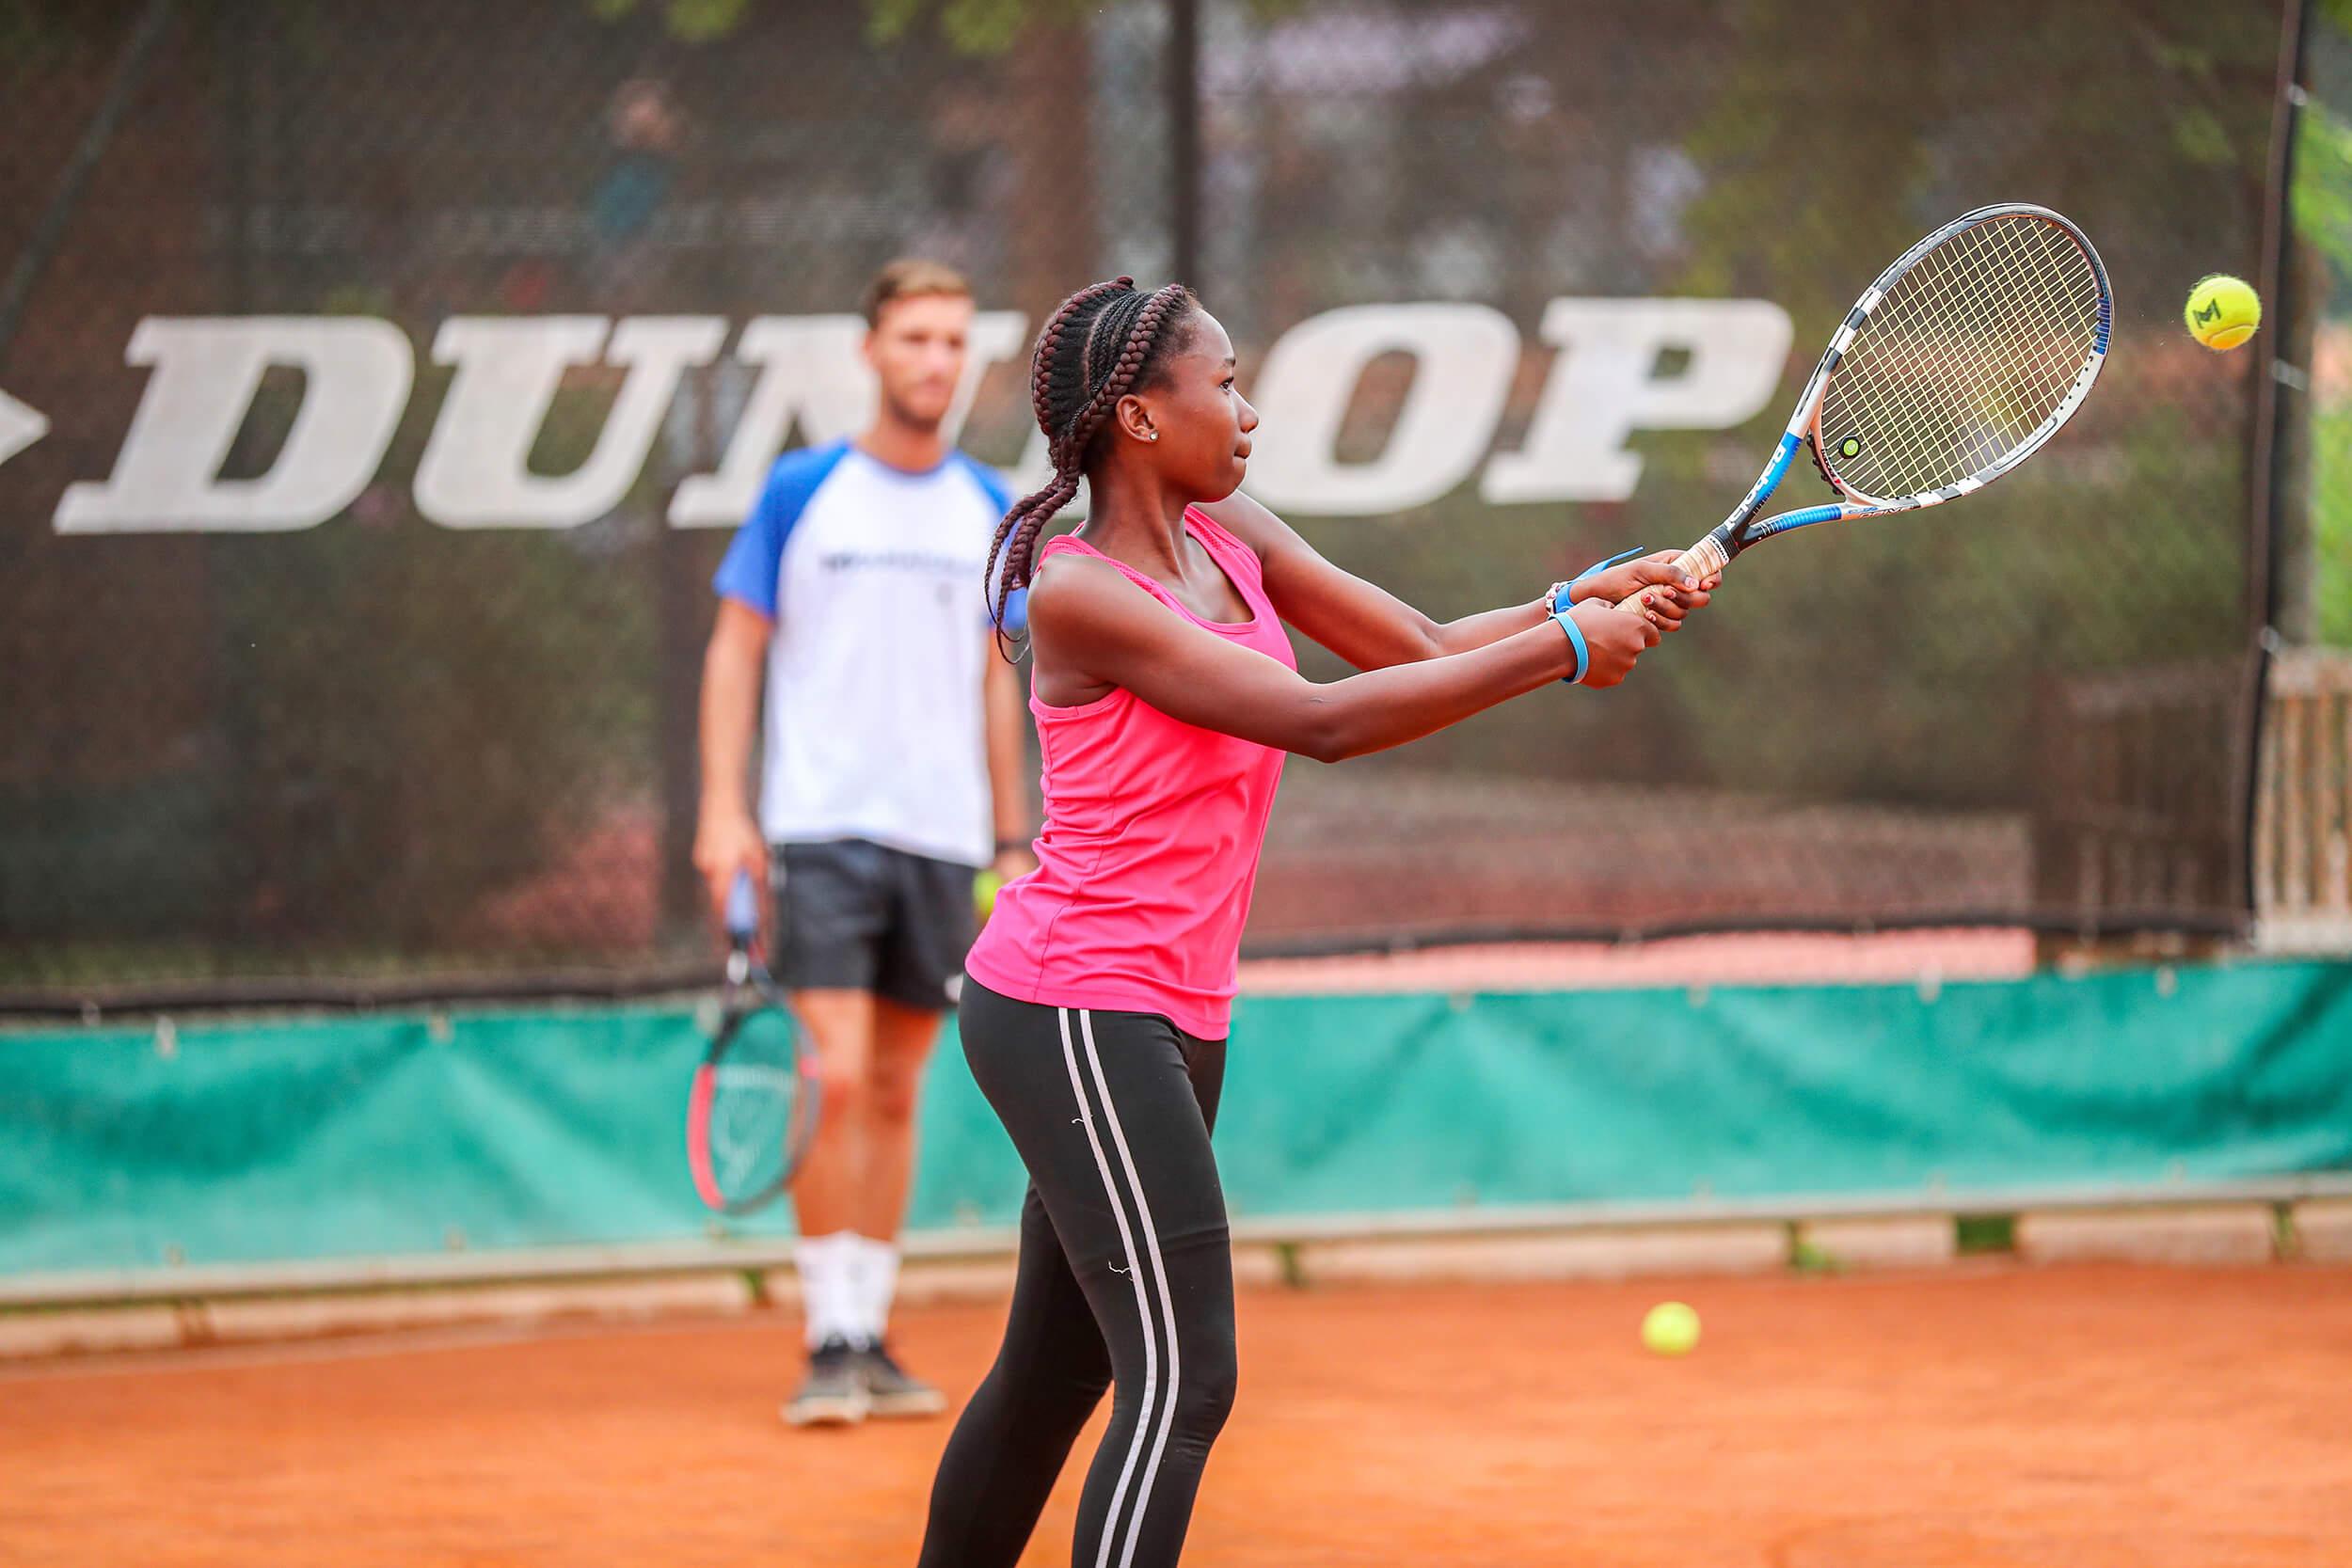 tennis technique